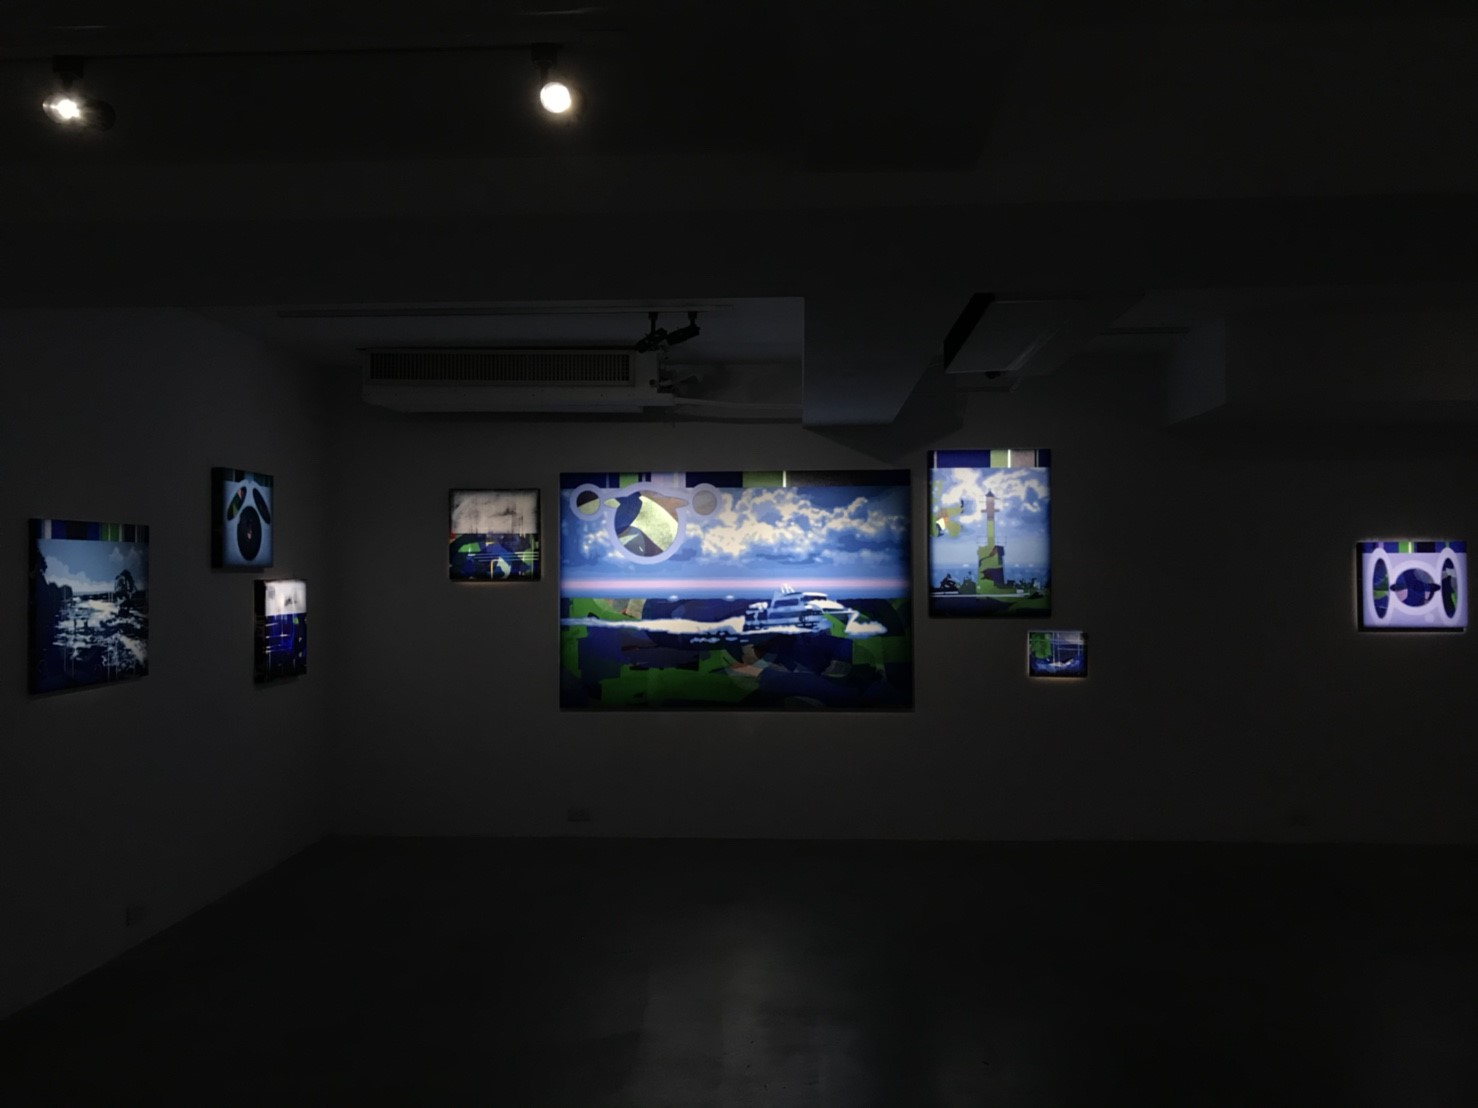 遺地風景 陳崑峰個展 VT 打燈_171213_0017